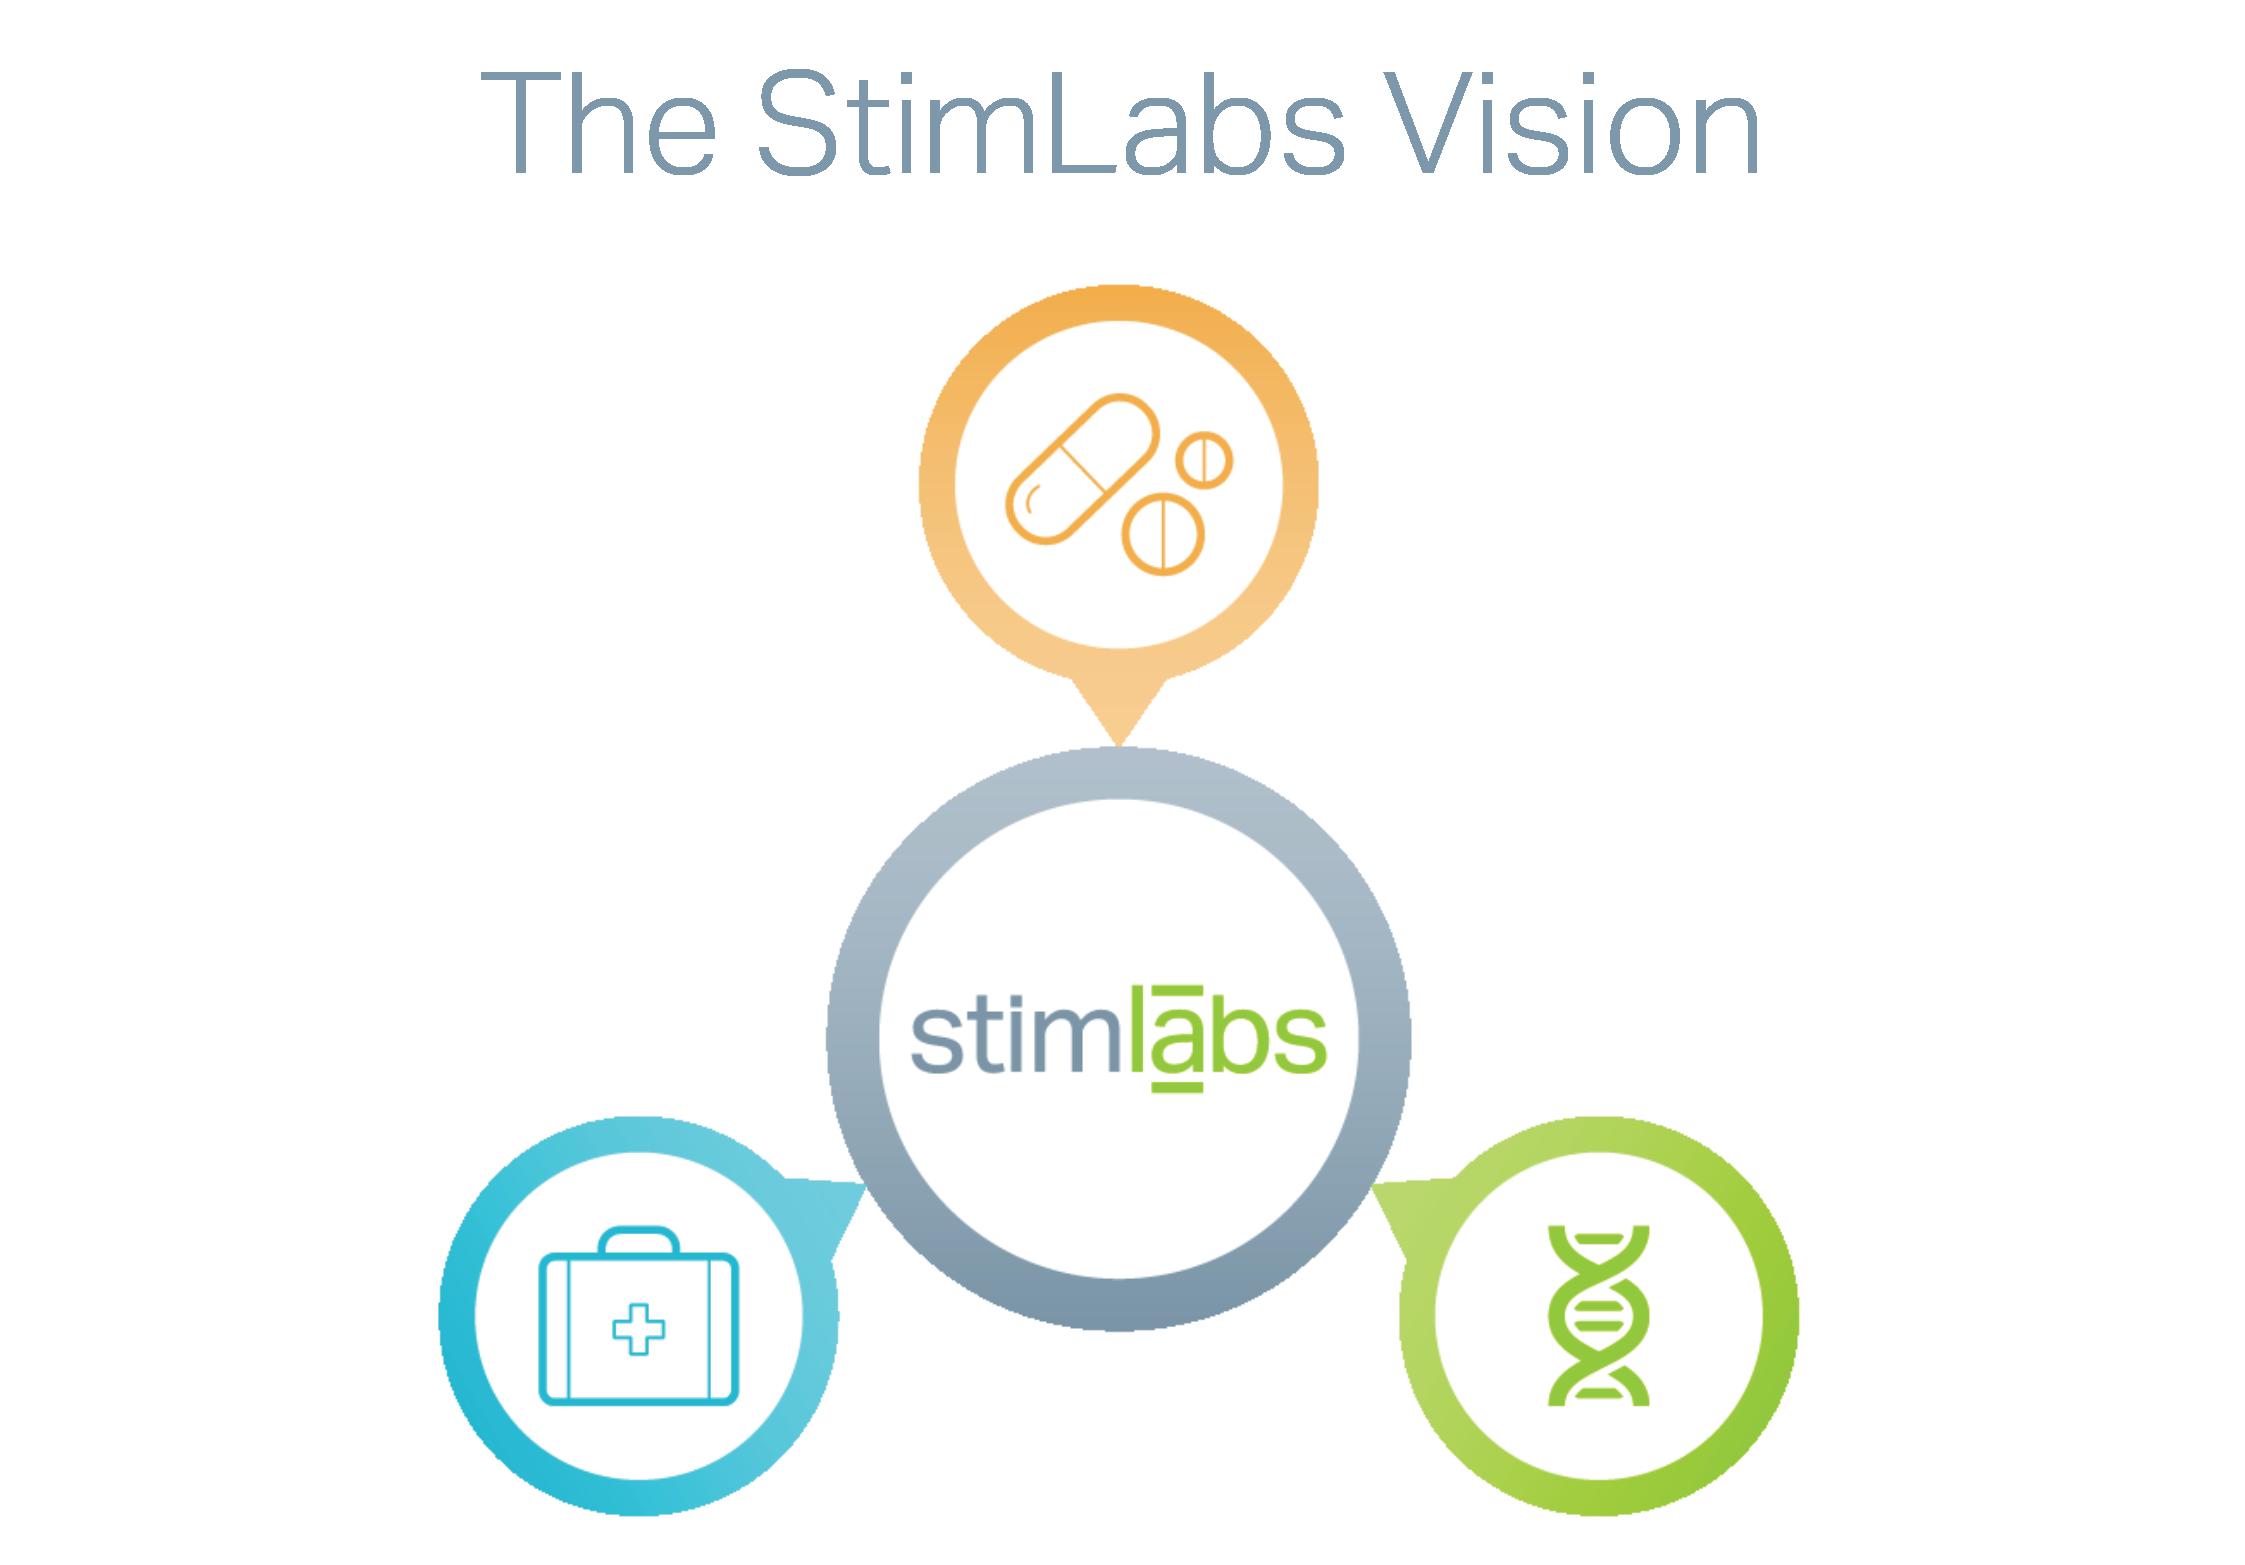 stimlabs_vision.png